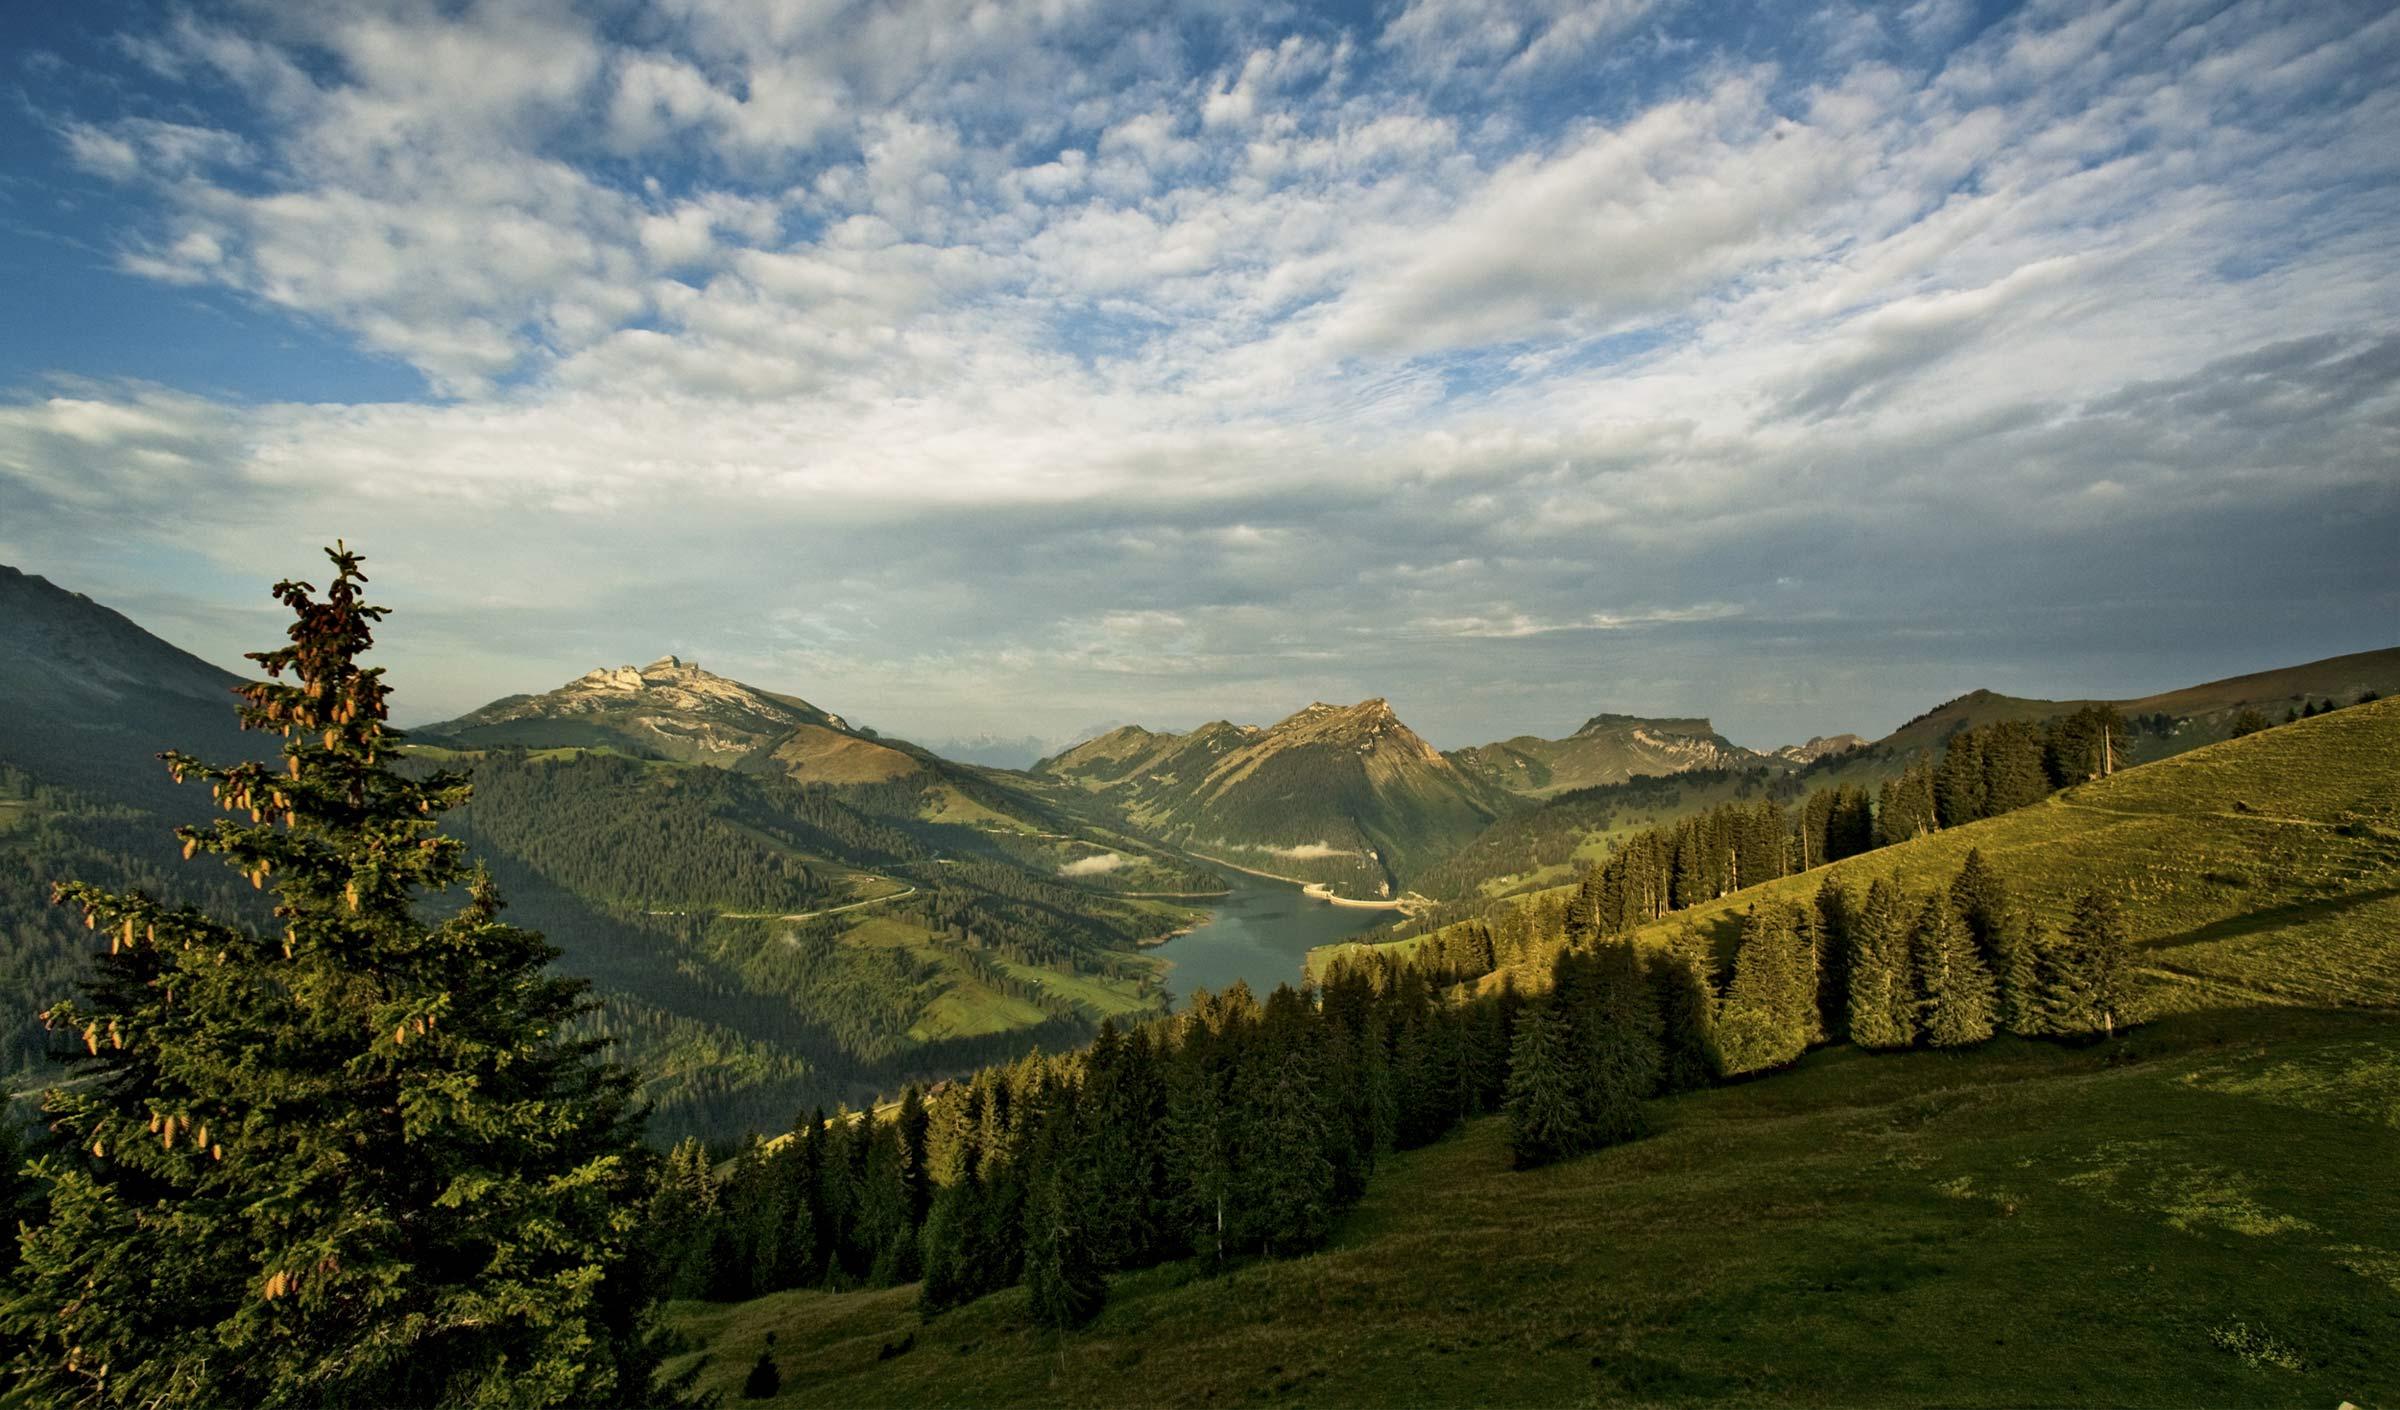 cyclotourisme : les cols des alpes vaudoises en Suisse